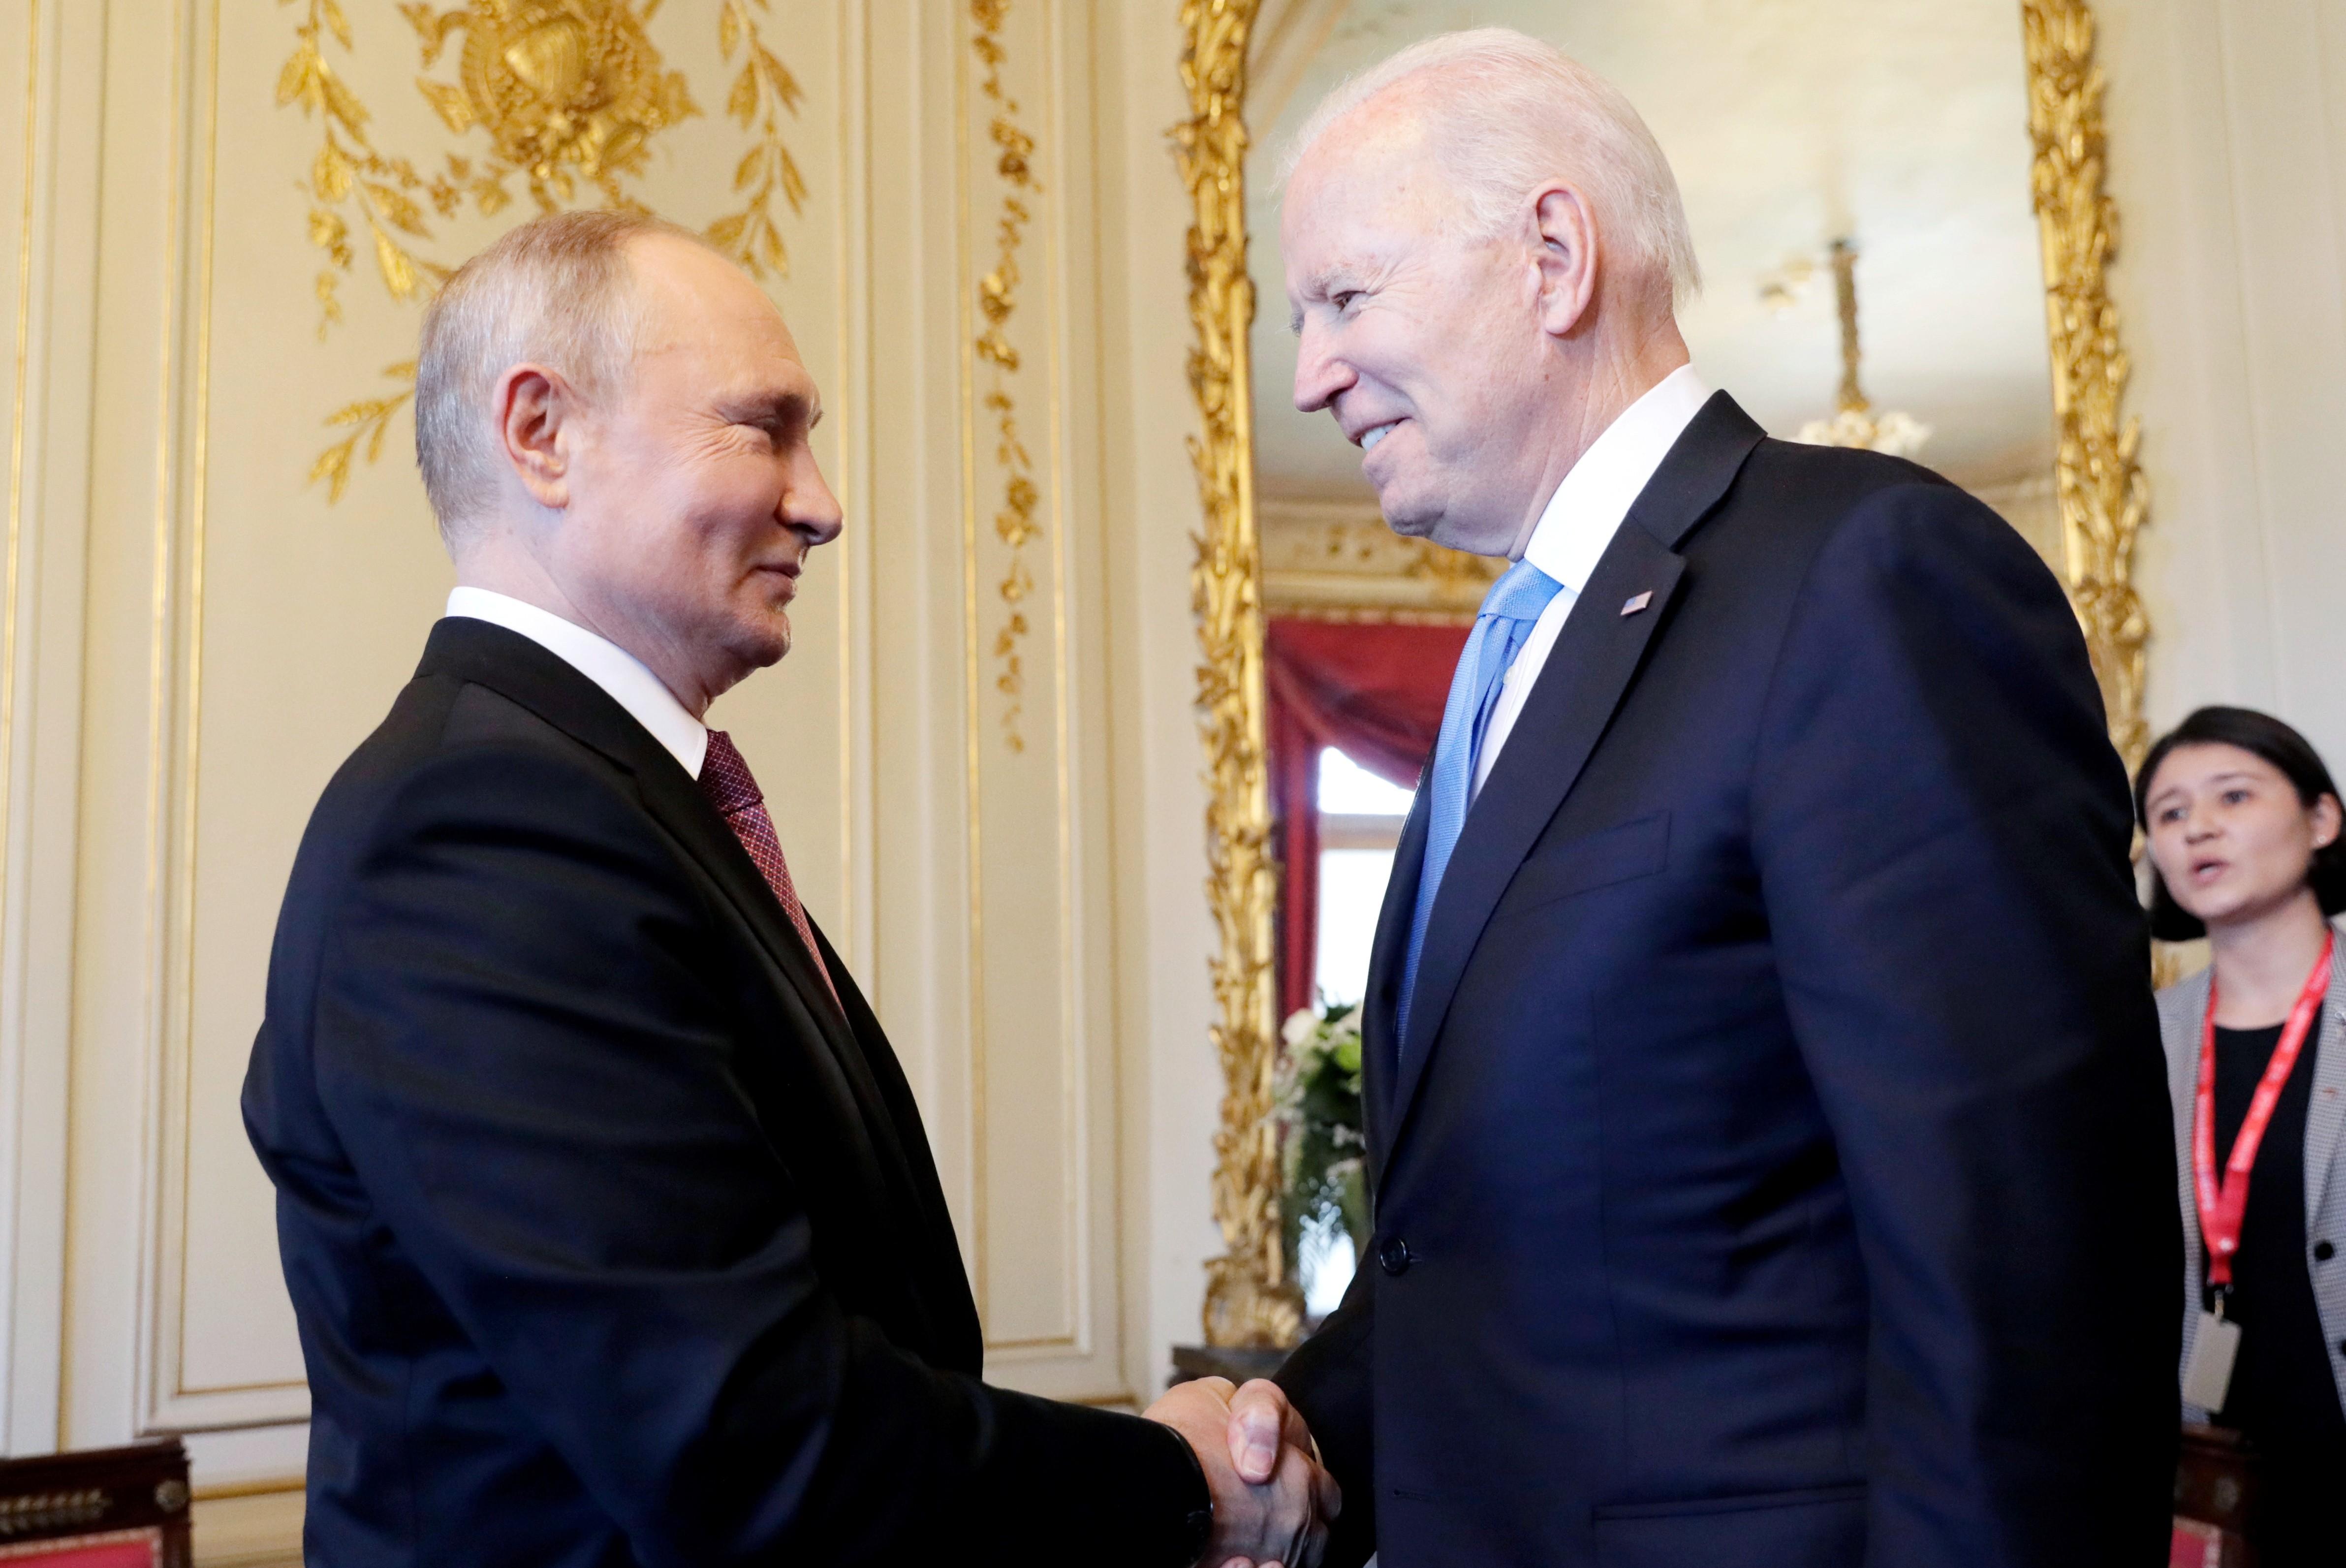 Biden e Putin se encontram pela 1ª vez em Genebra sem expectativa de ações concretas